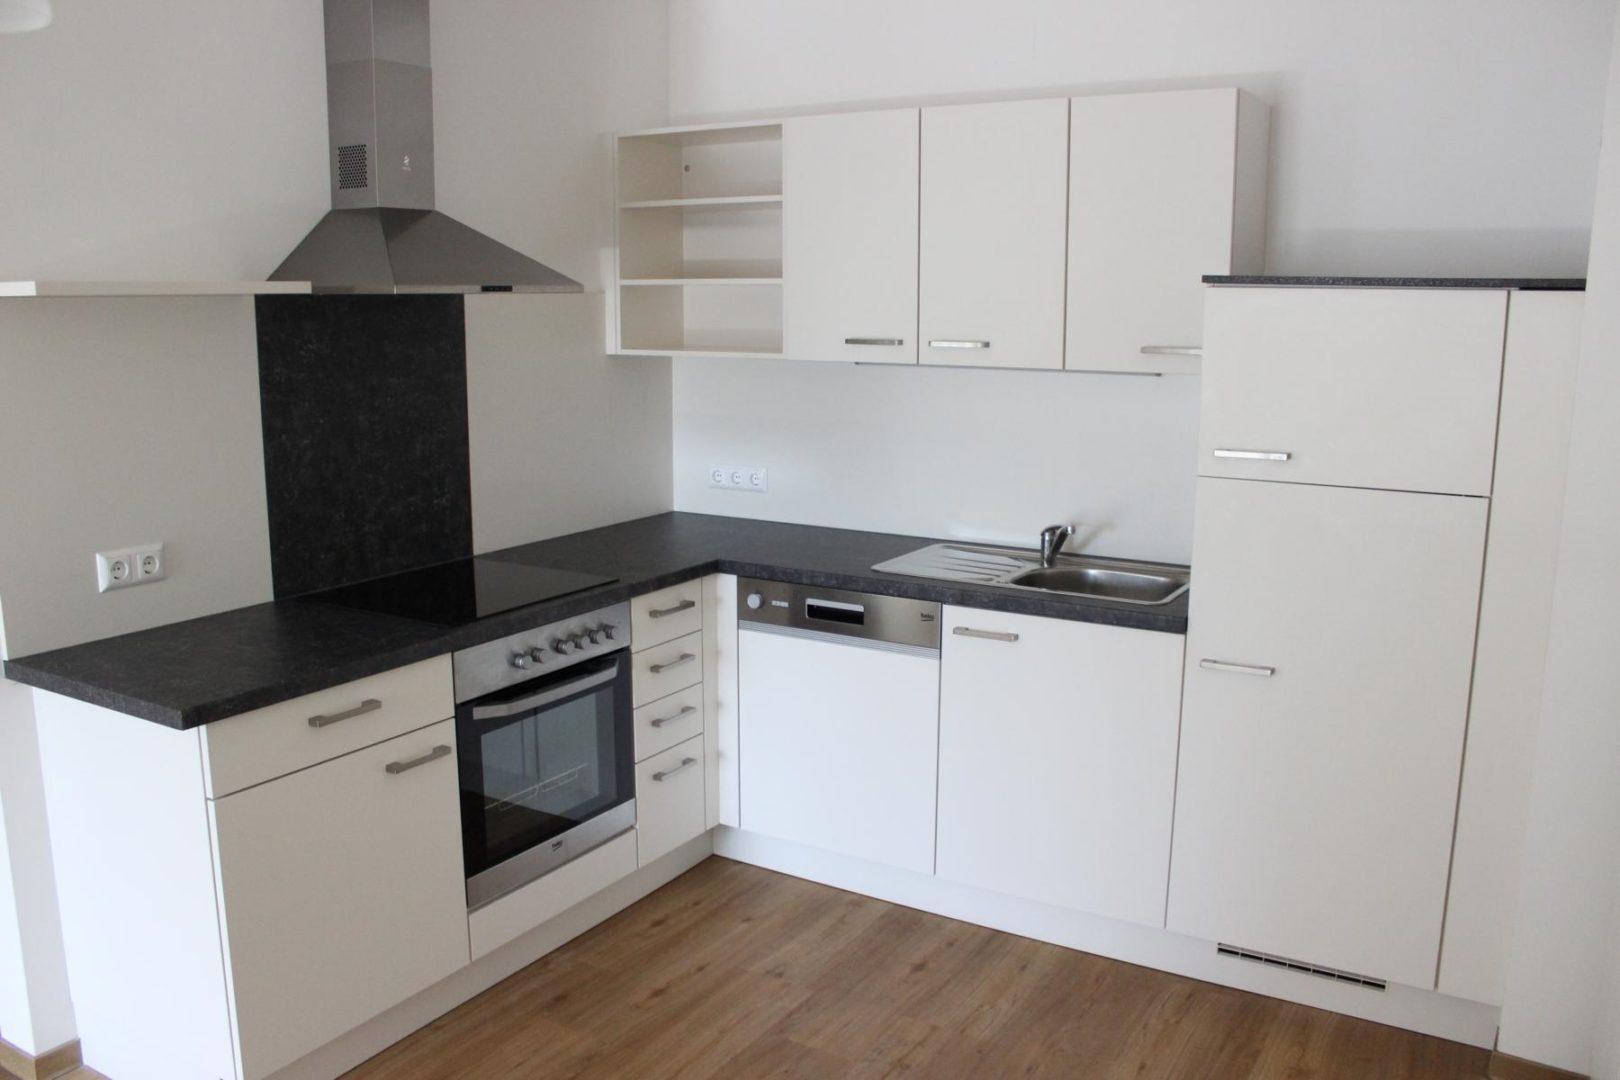 Mietwohnung in Villach-Völkendorf